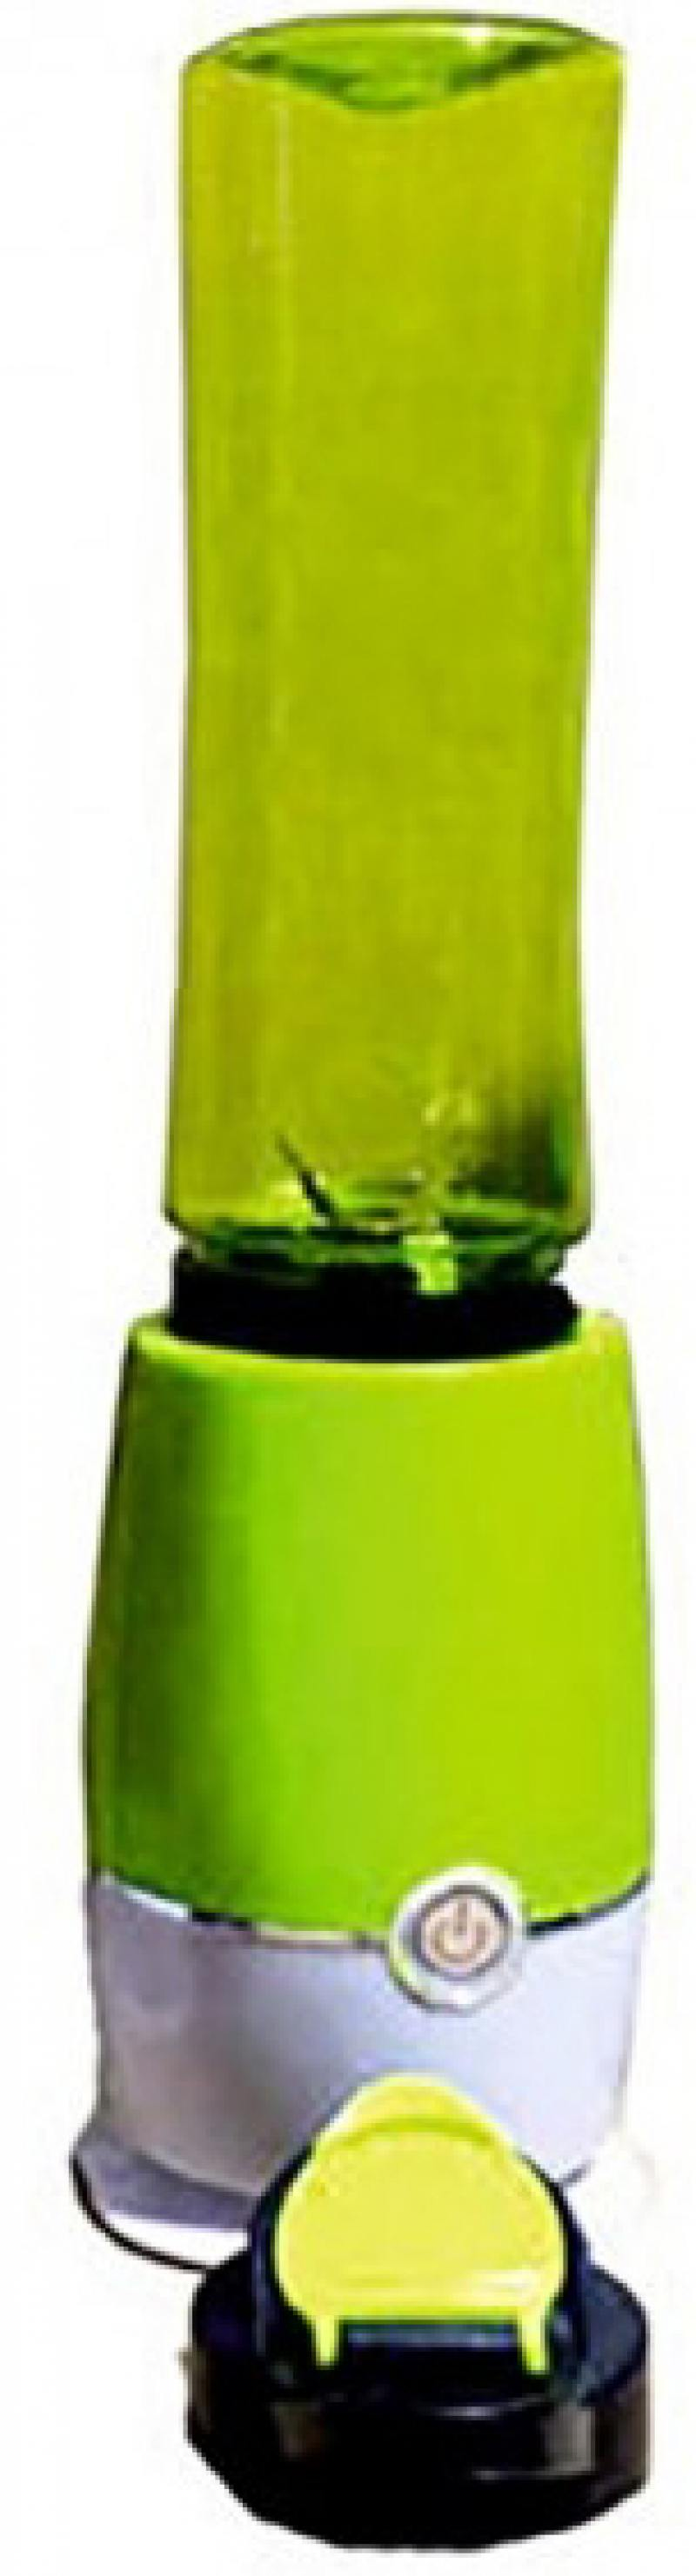 Блендер стационарный Irit IR-5512 180Вт зелёный блендер стационарный irit ir 5512 180вт зелёный